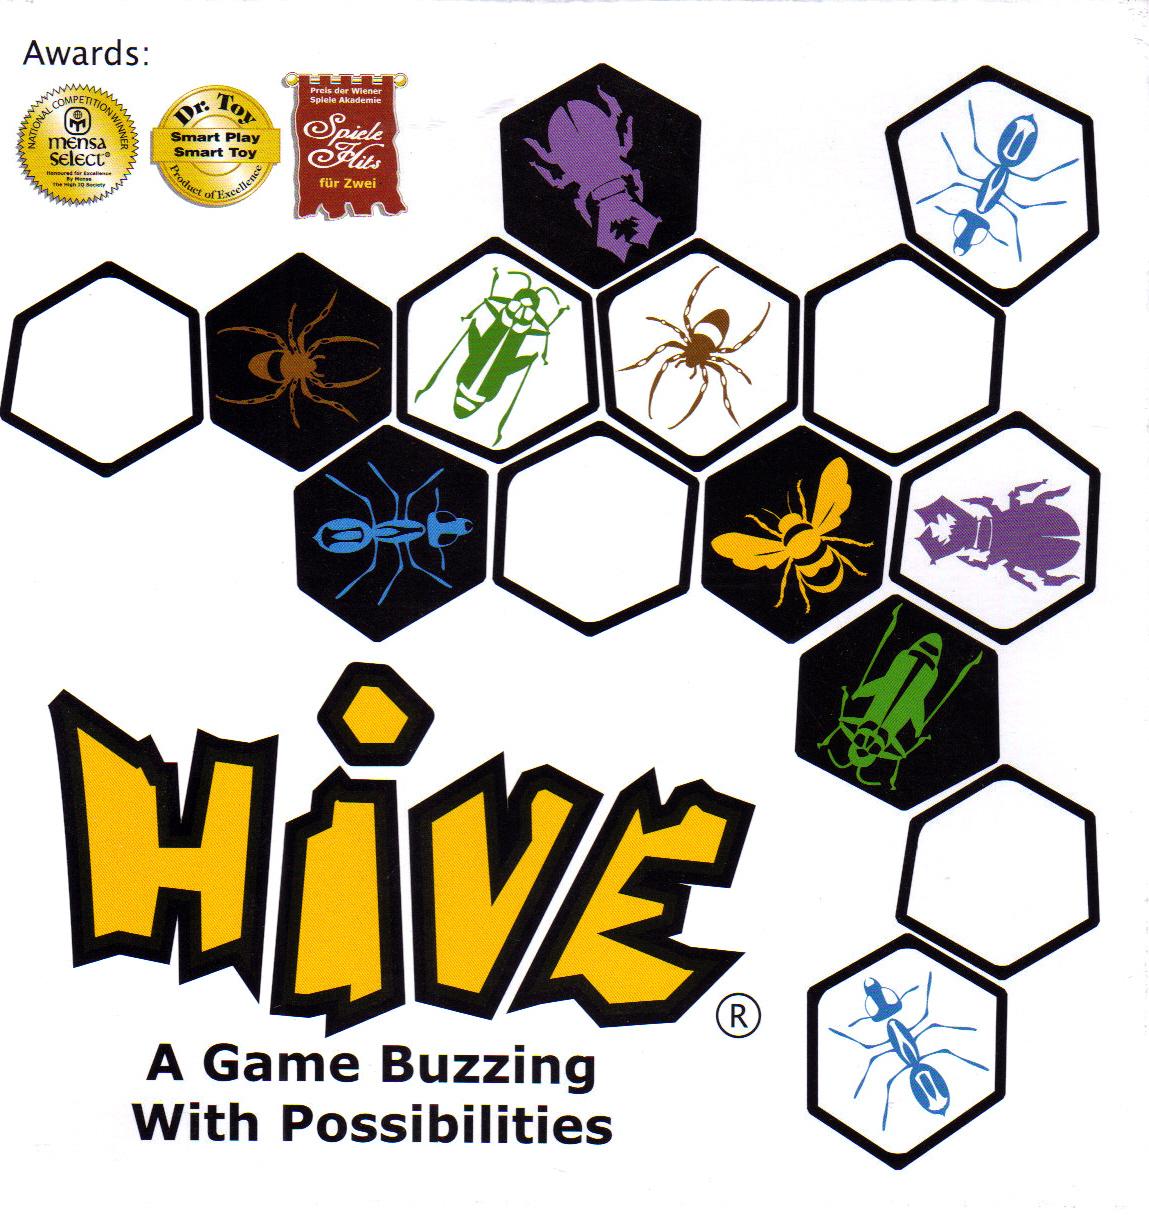 Hive box cover